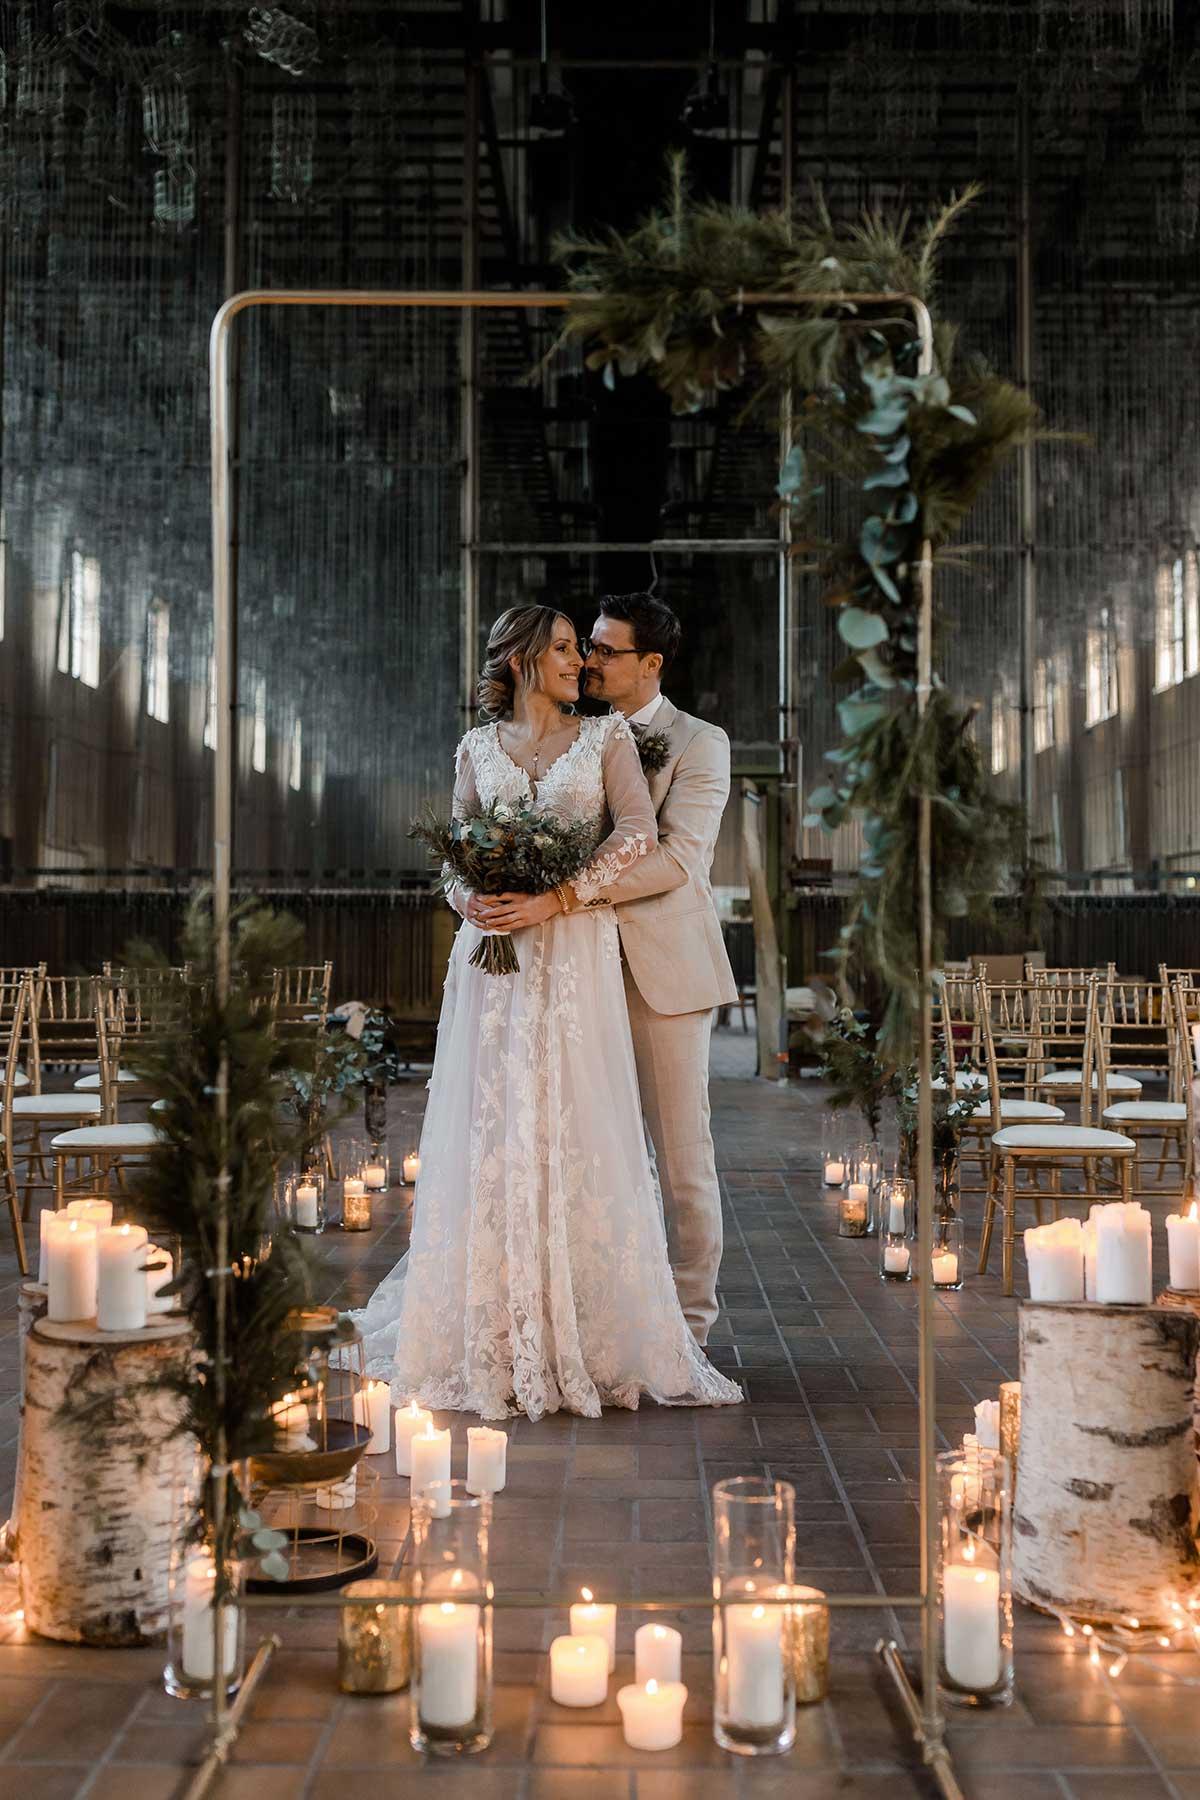 Braut und Bräutigam bei ihrer Winterhochzeit mit Industrie-Flair